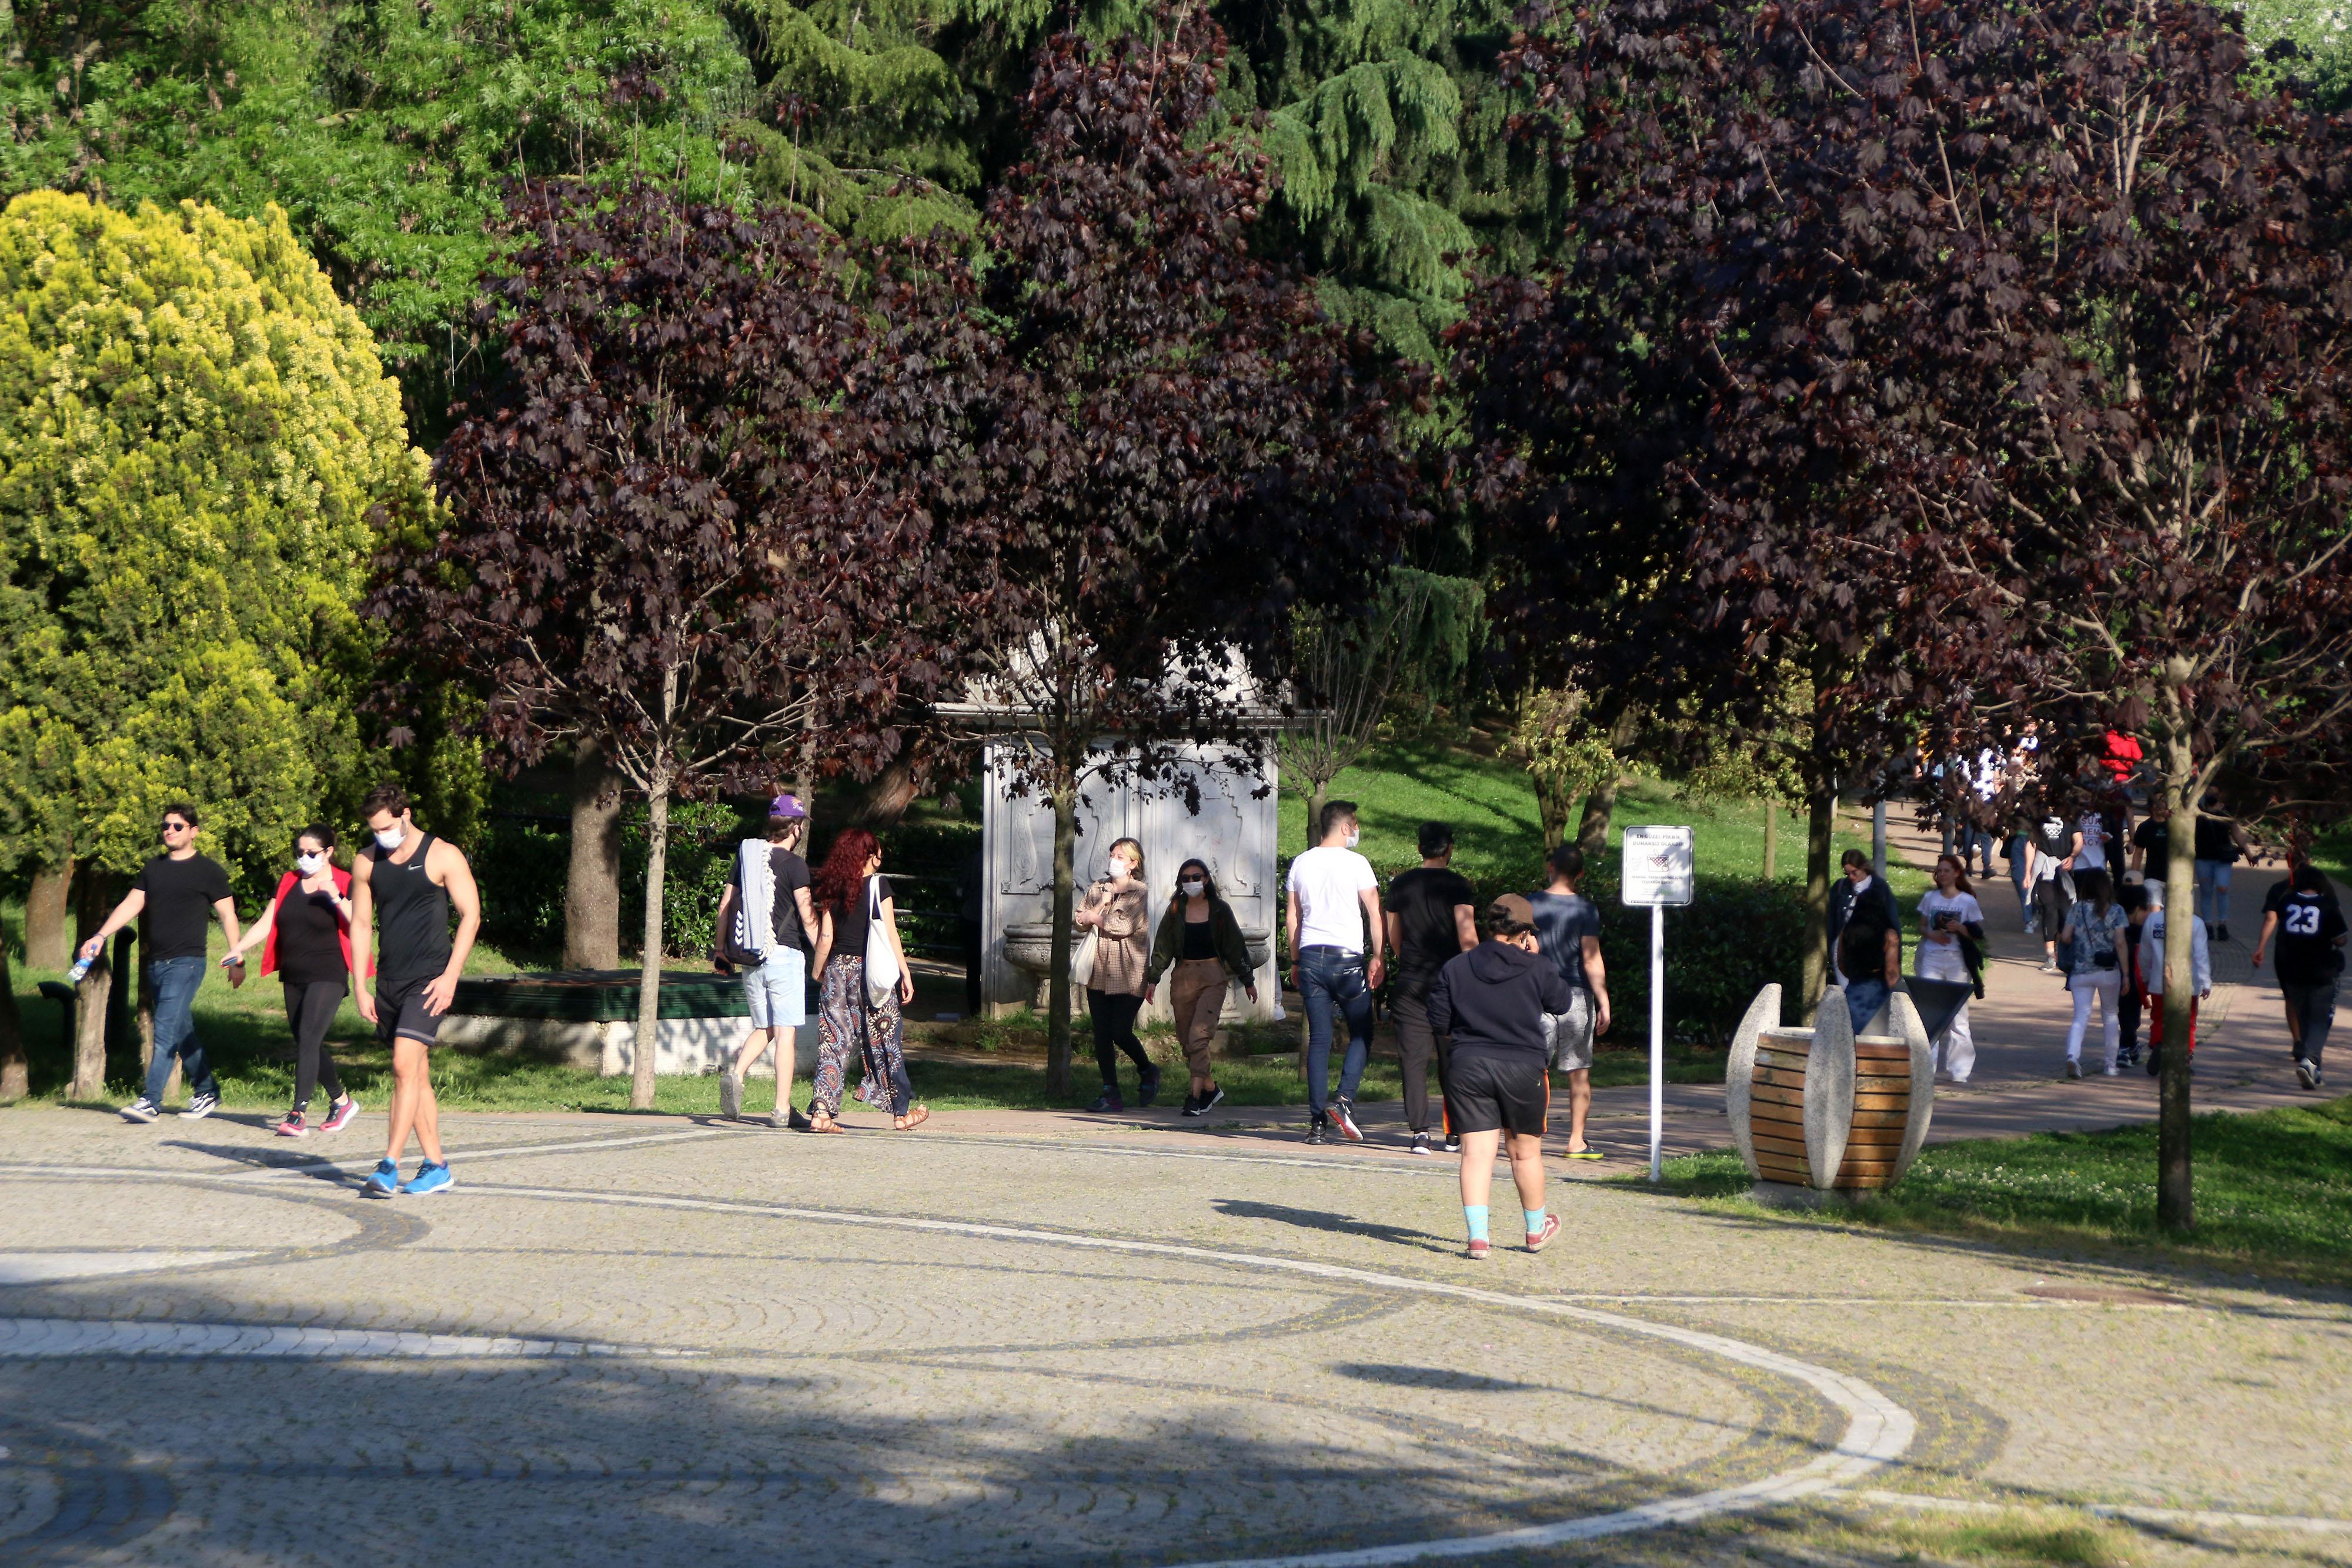 Maçka parkında yürüyen ve oturanları polis dışarı çıkarttı